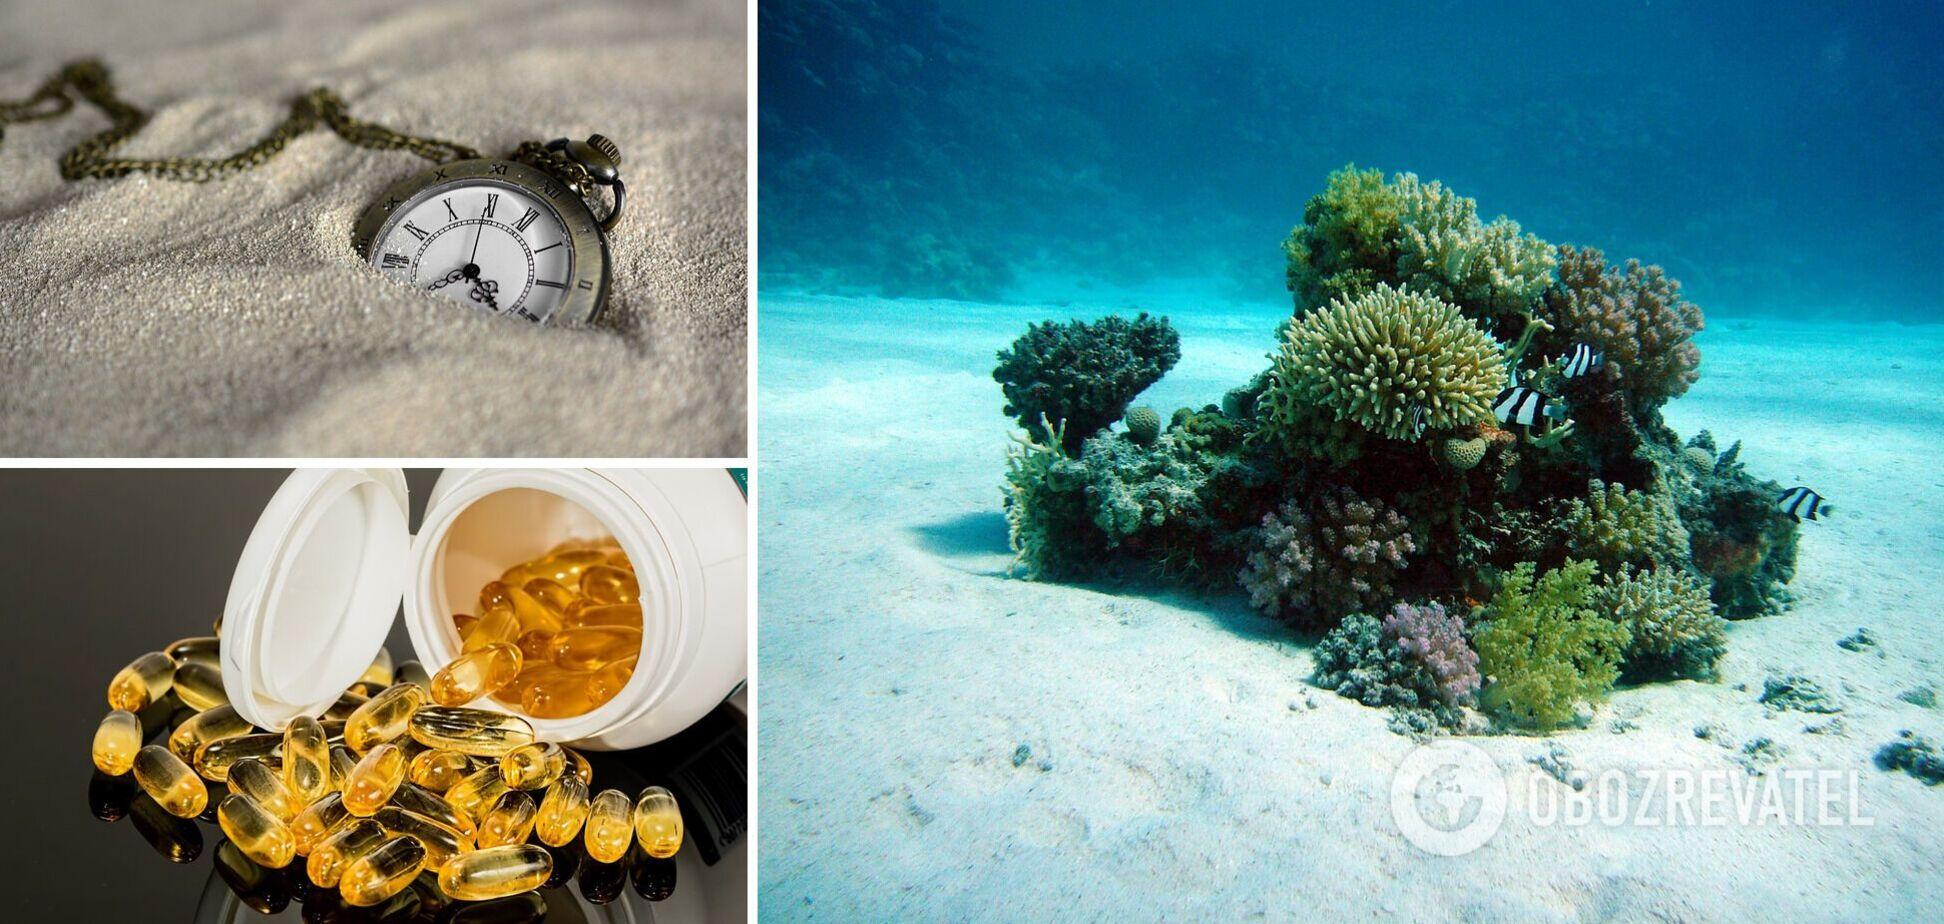 Кораллы, антиквариат и некоторые таблетки